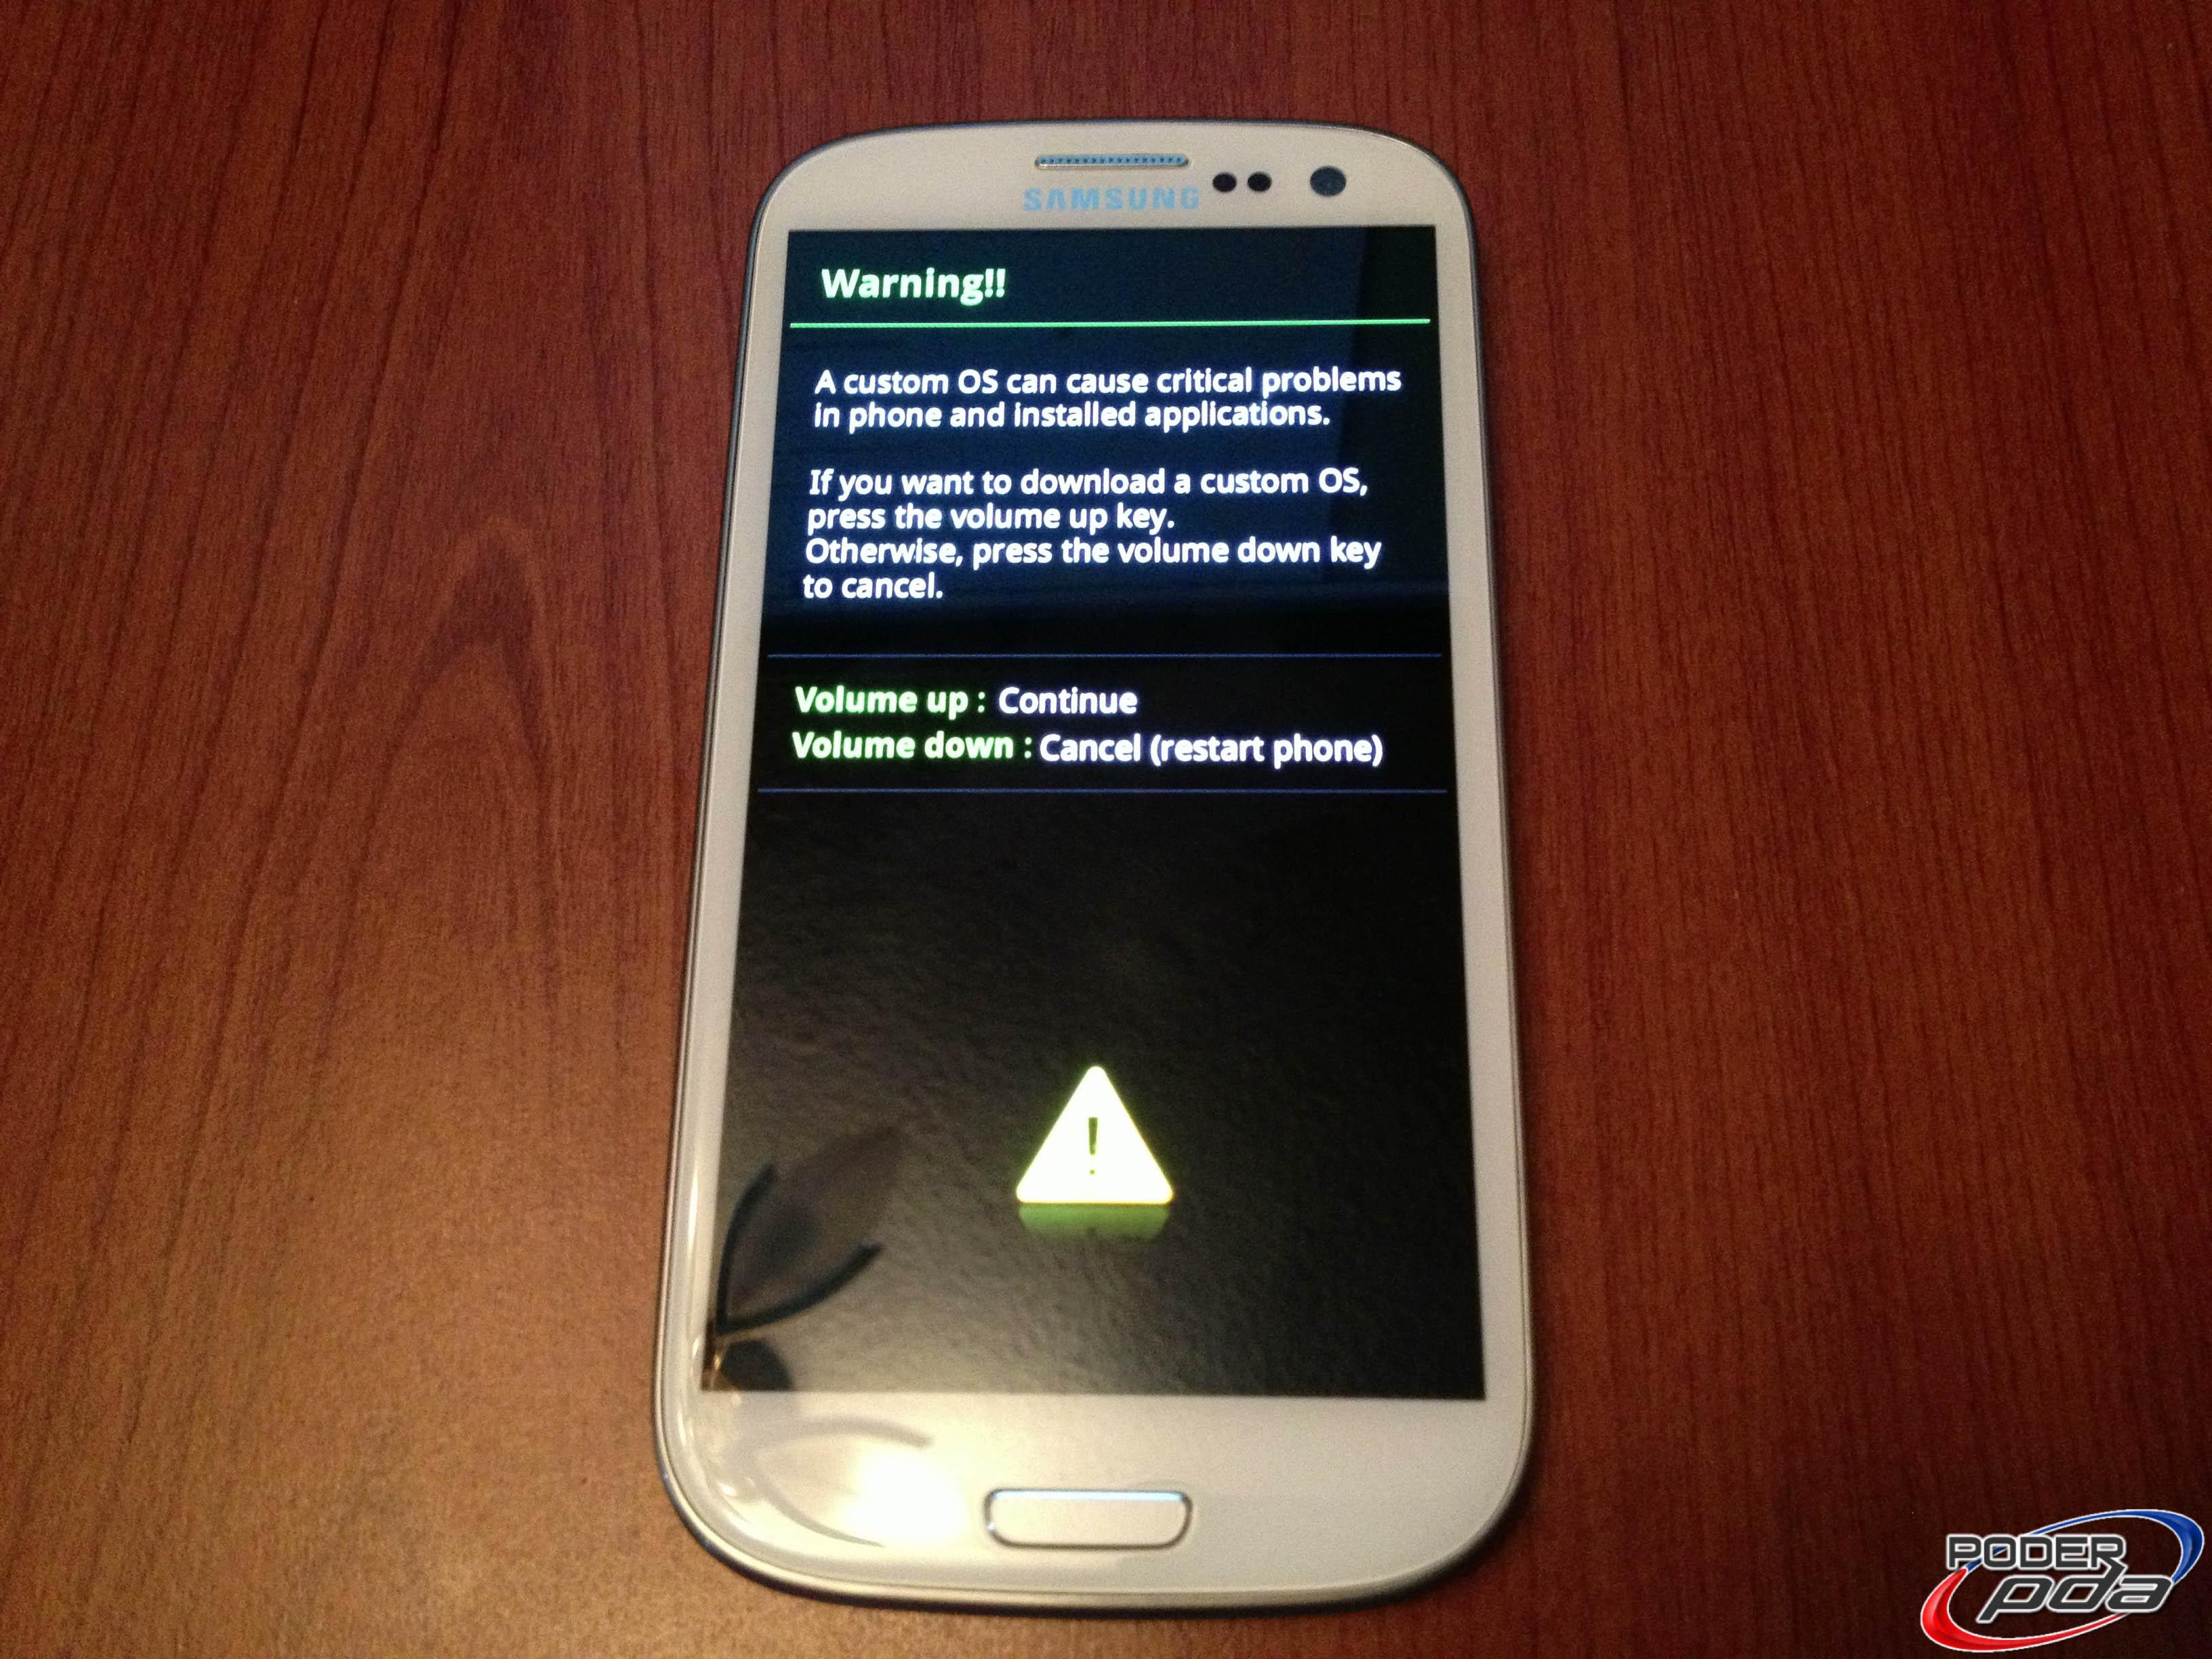 Samsung Galaxy S3 Download Mode Pantalla de Advertencia